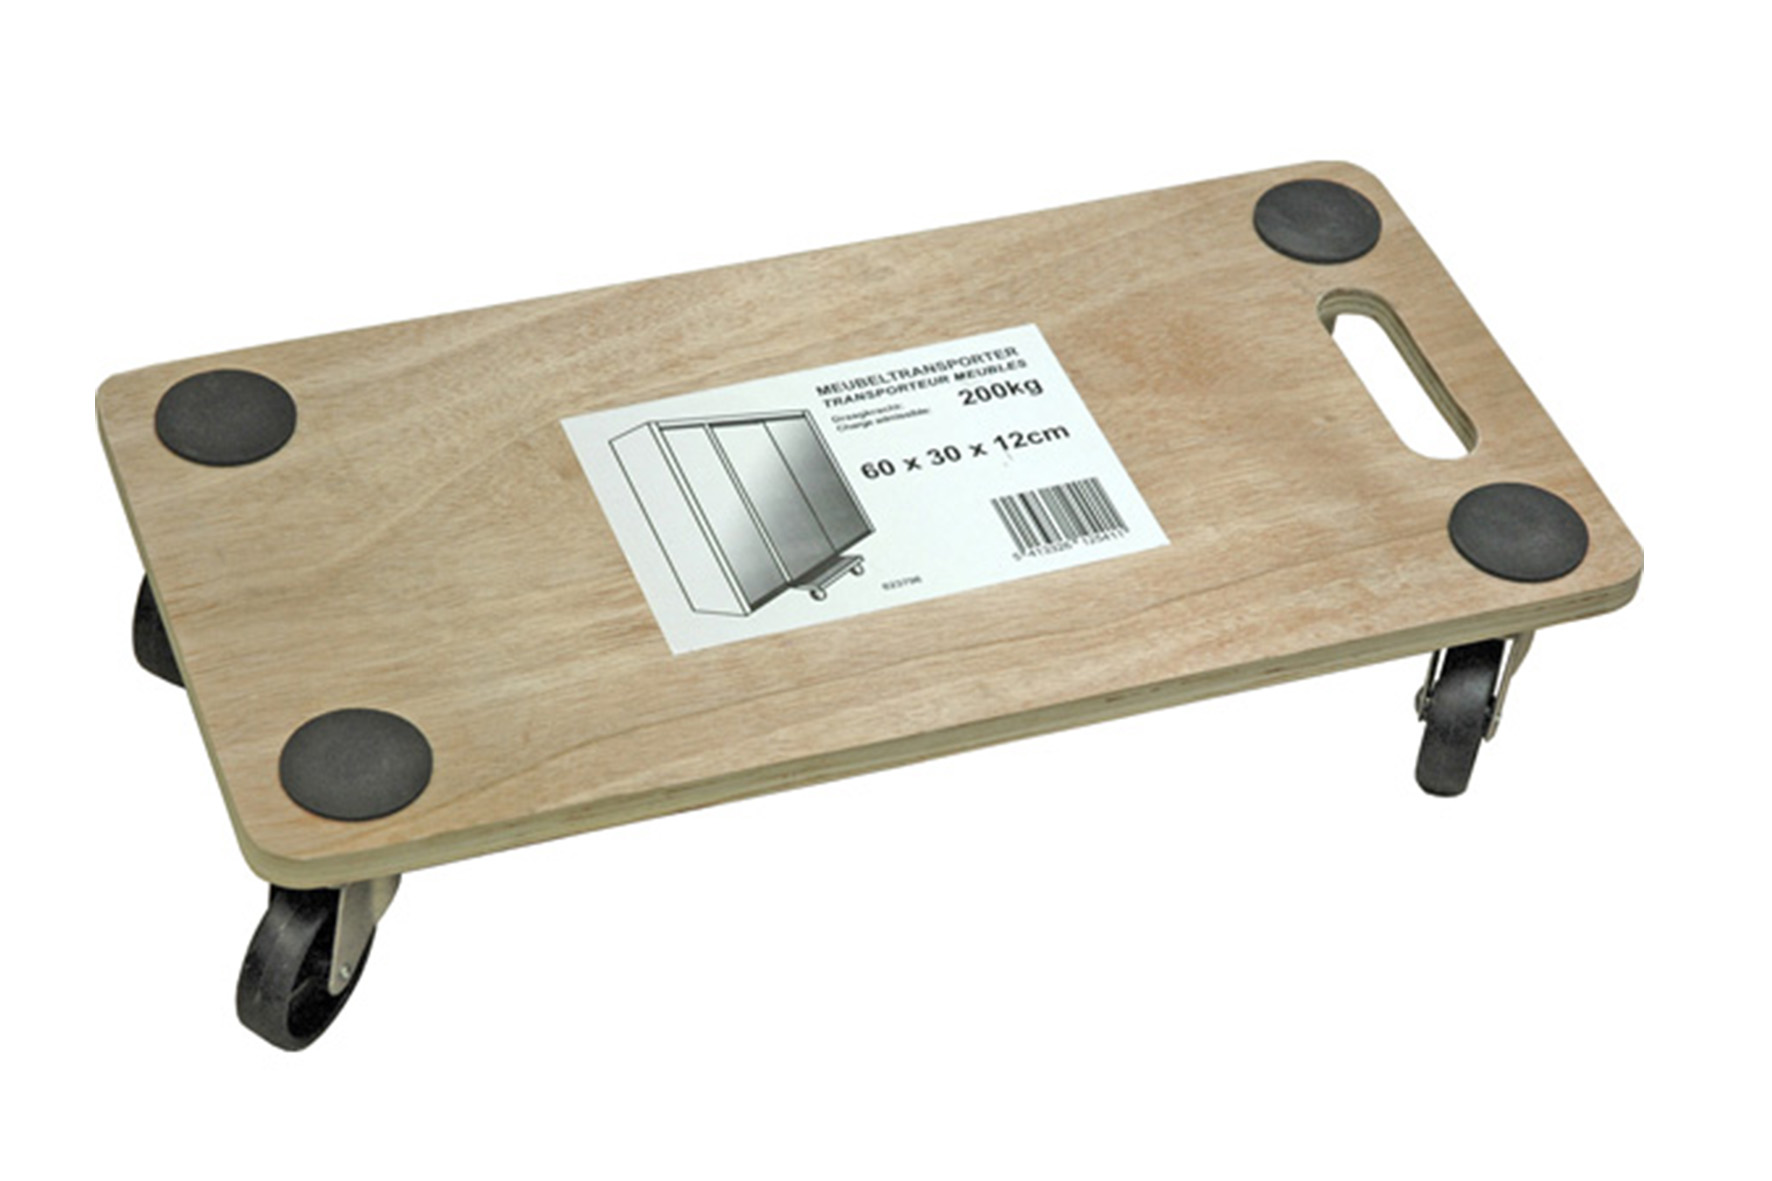 plateau 39 39 roulettes hetre achat en ligne ou dans notre. Black Bedroom Furniture Sets. Home Design Ideas